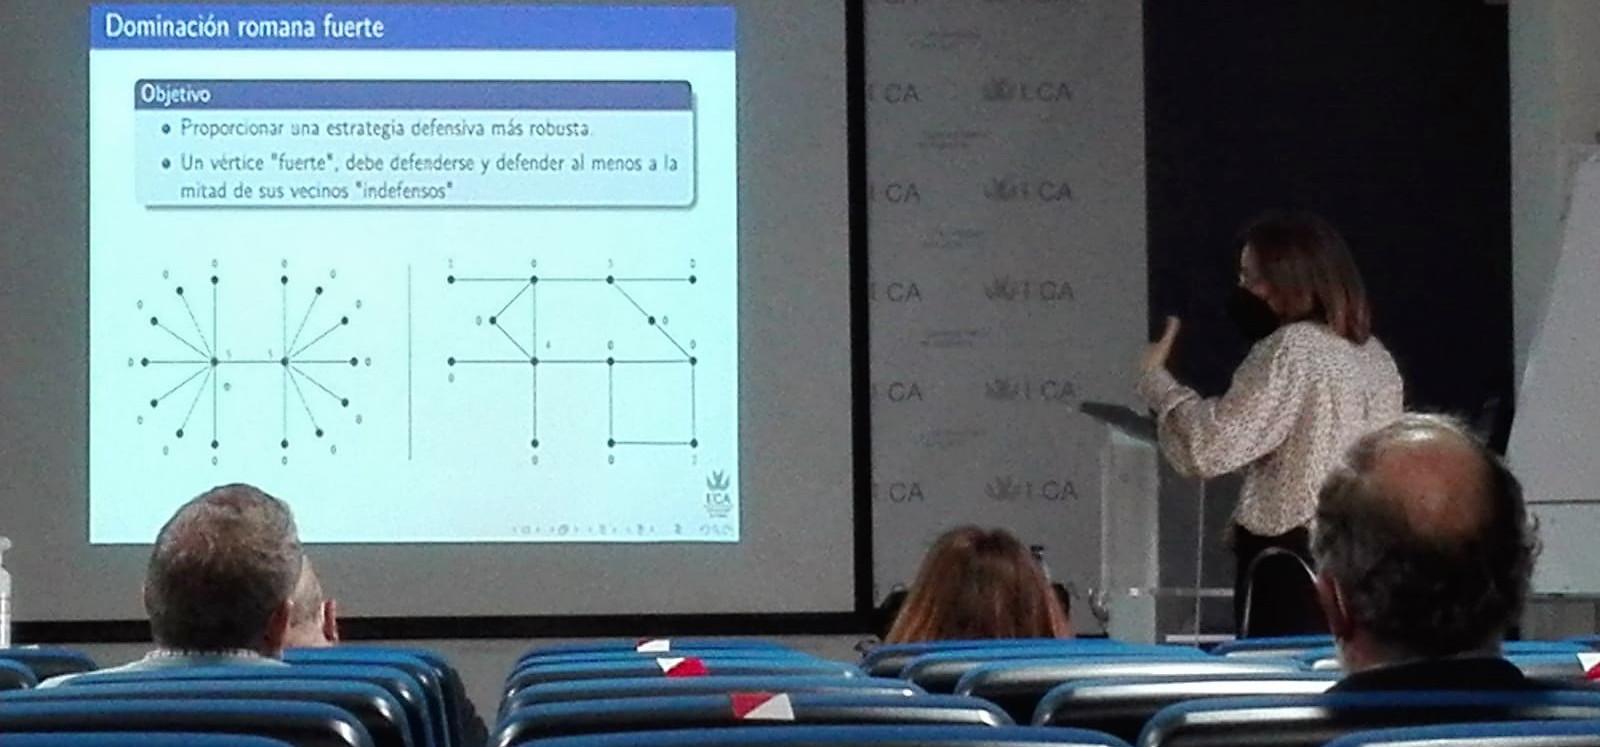 La mejora en redes modeladas por grafos sujetos a propiedades estructurales objeto de una tesis doctoral defendida en la EPS de Algeciras